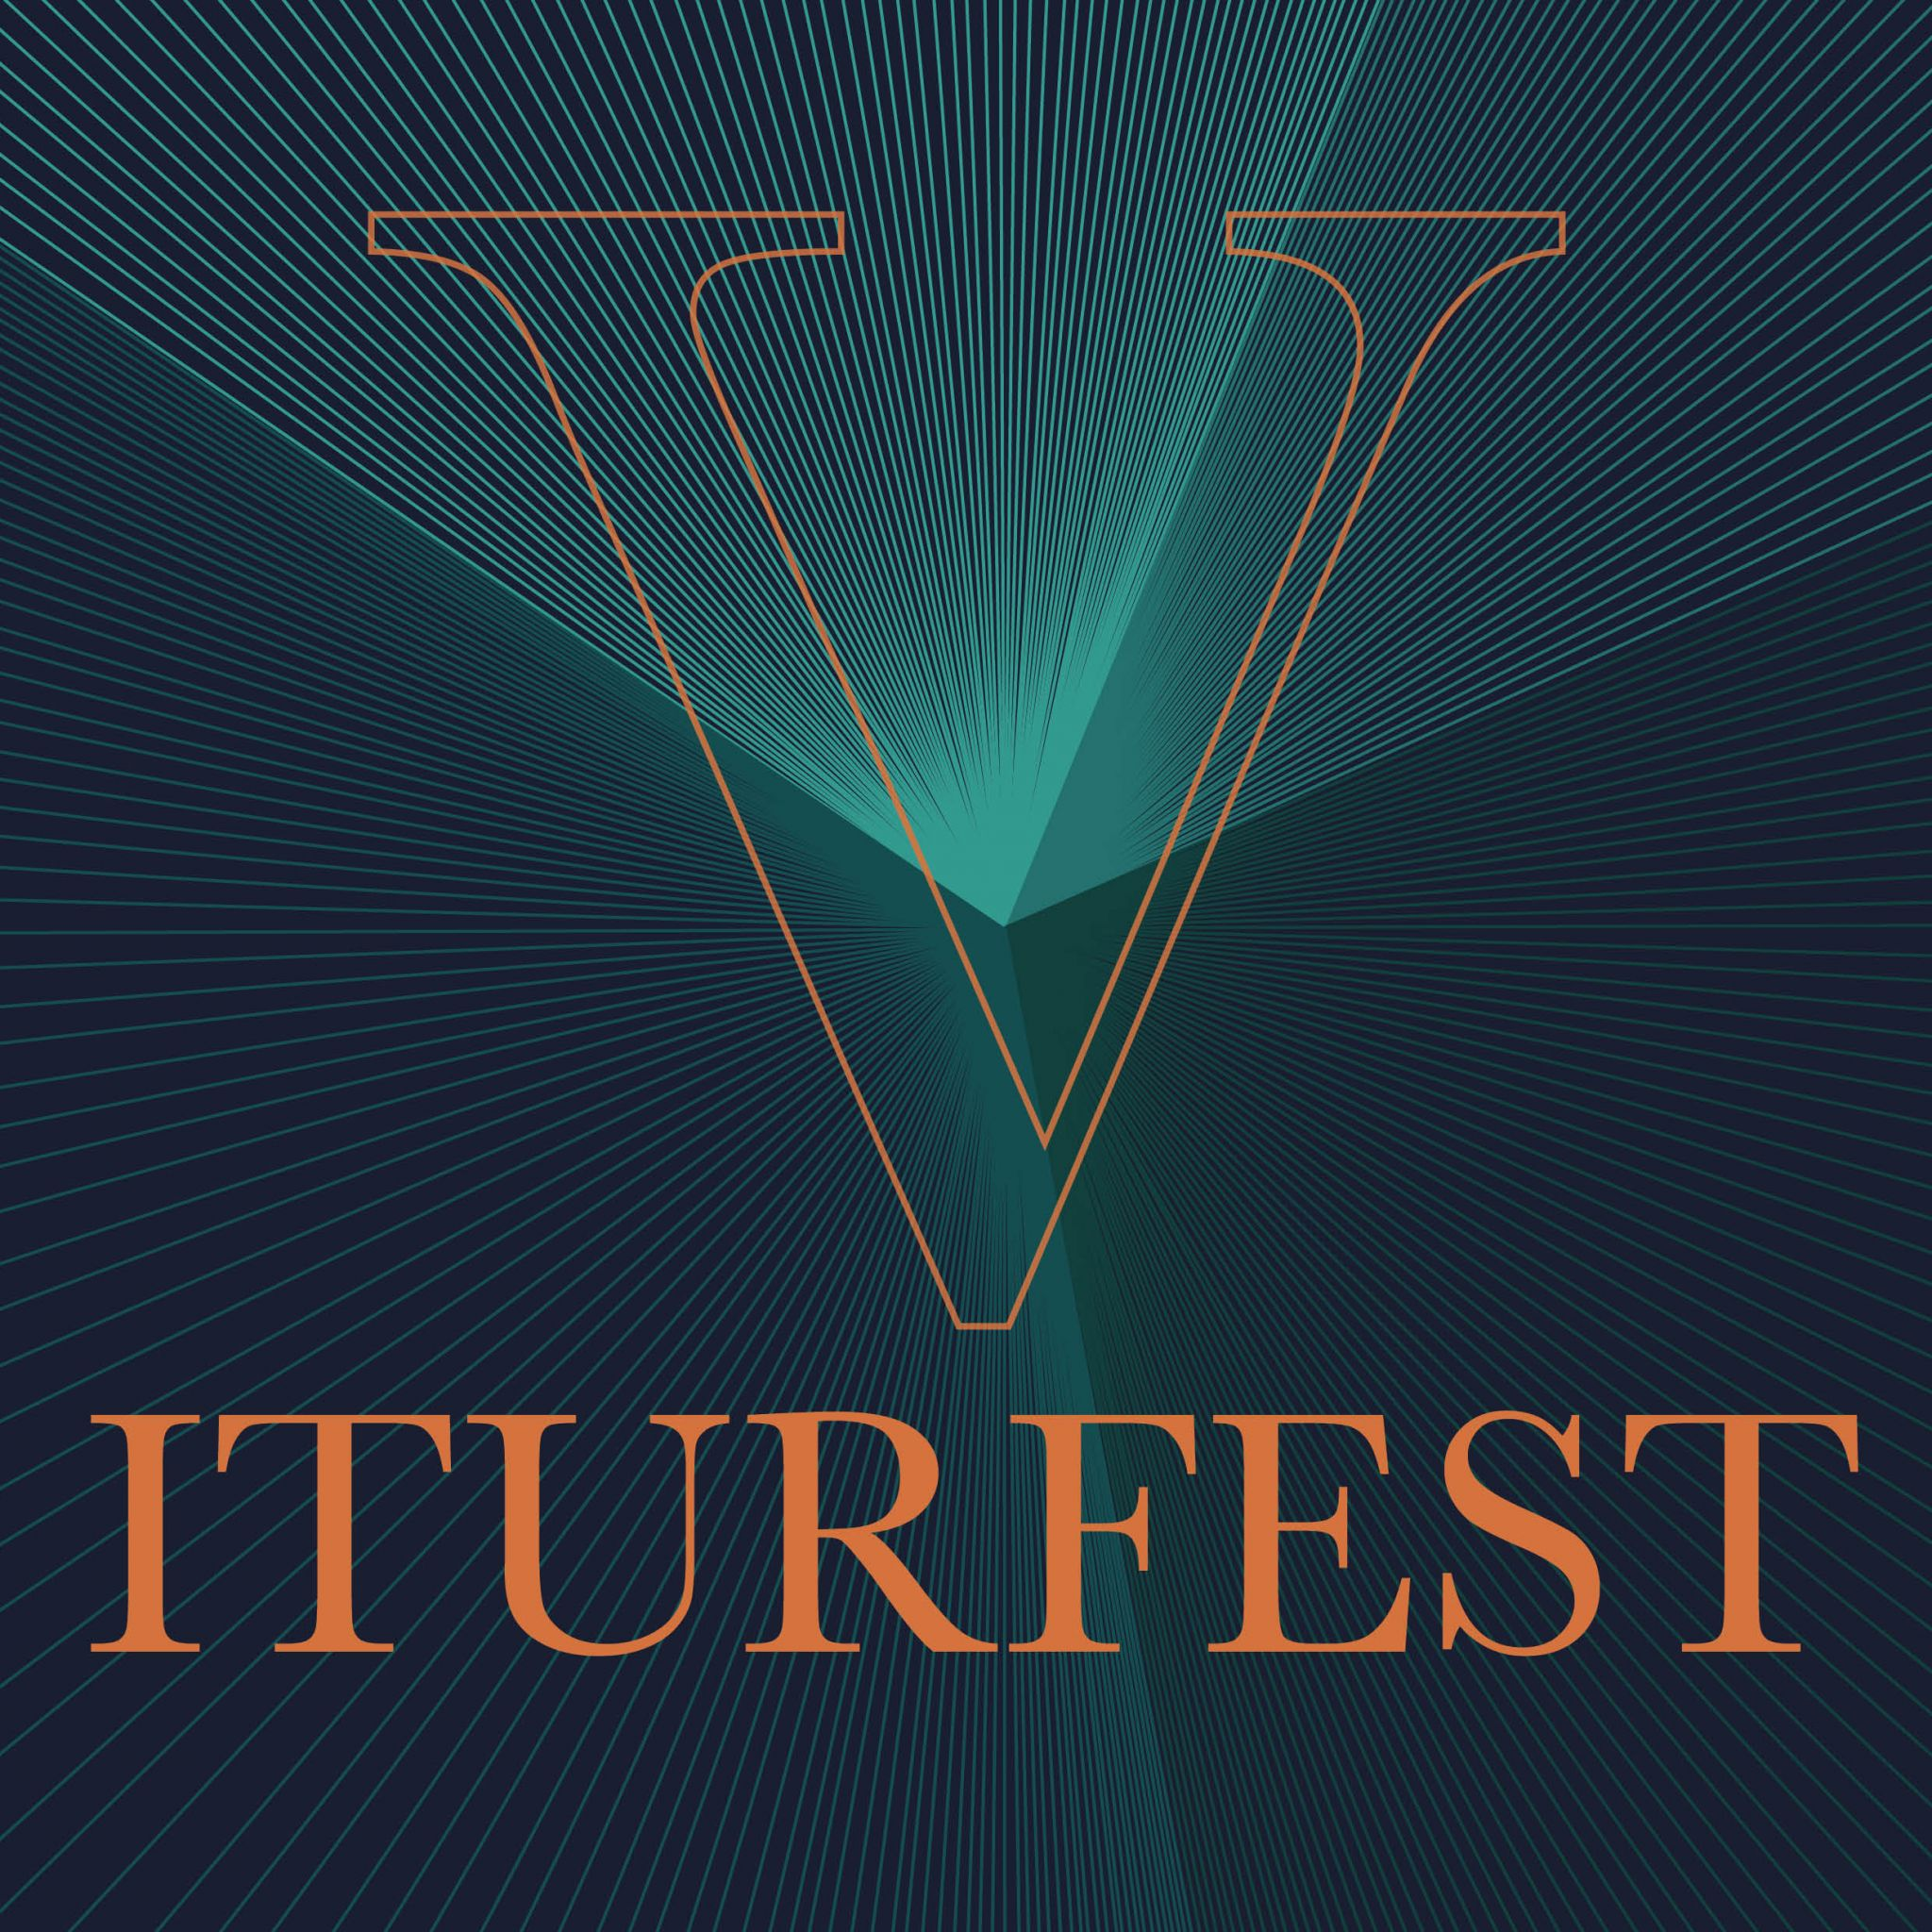 Iturfest IV